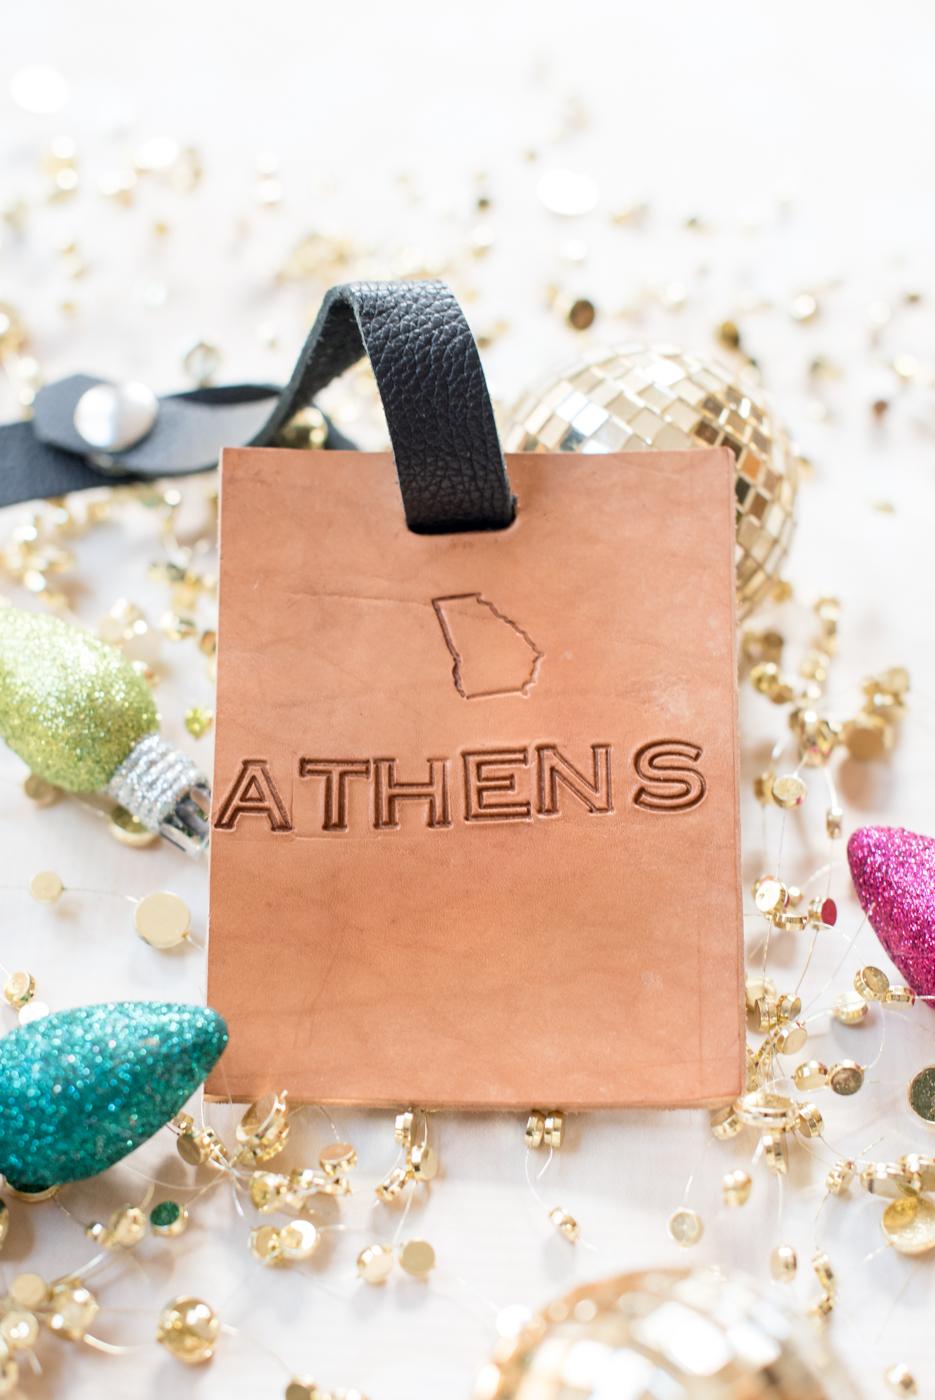 BMA at Home | Shop Local Holiday Gift Guide | Athens, GA | @missmollymoon